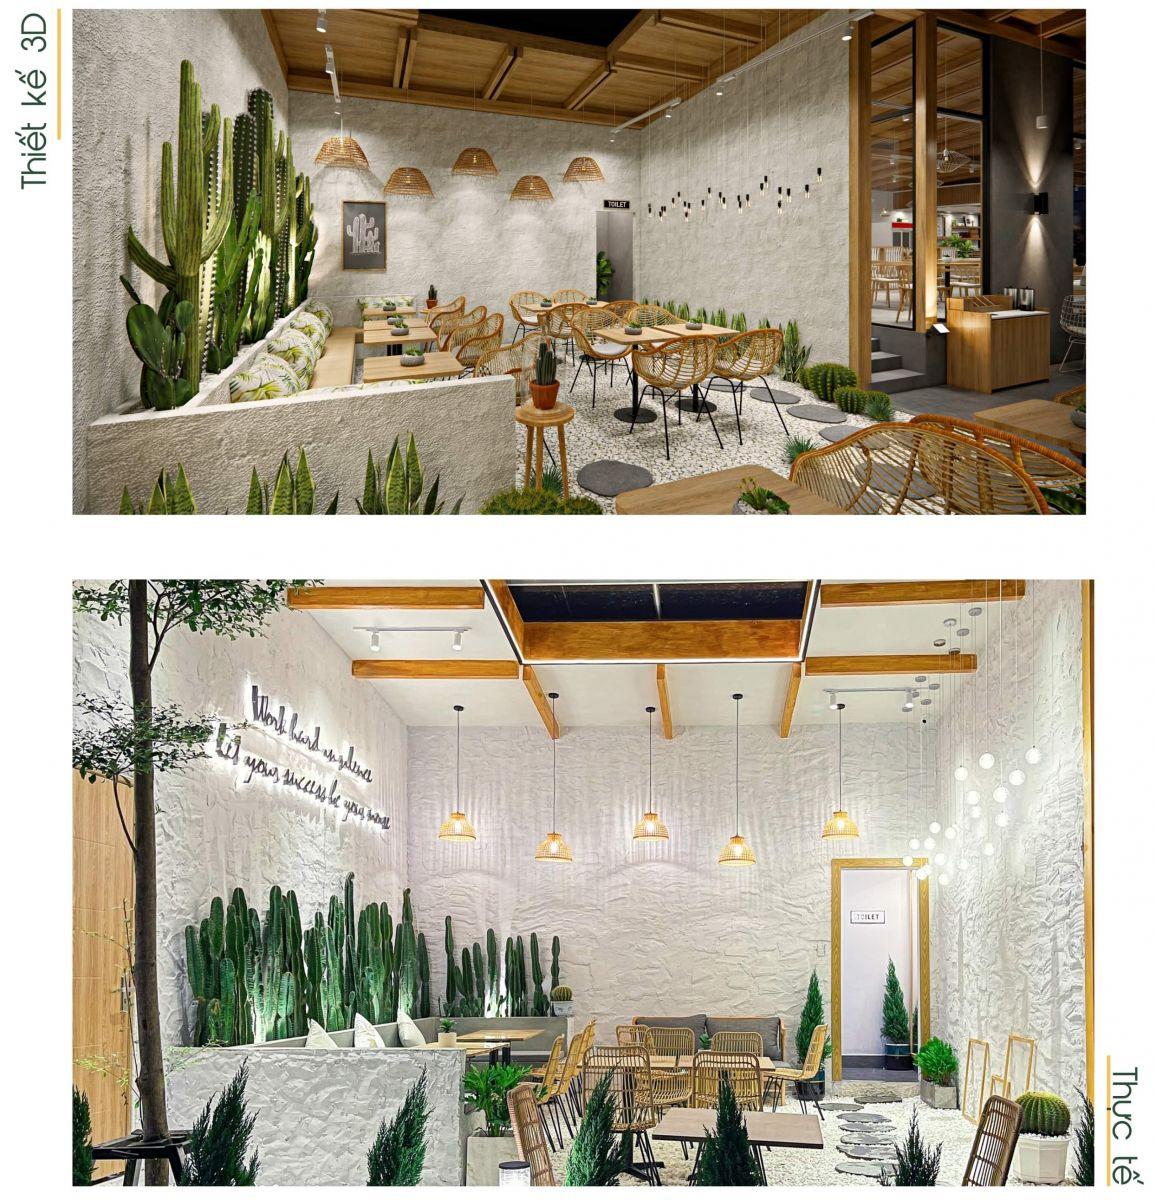 thi-cong-hoan-thien-quan-cafe-chidori-coffee-tea -3